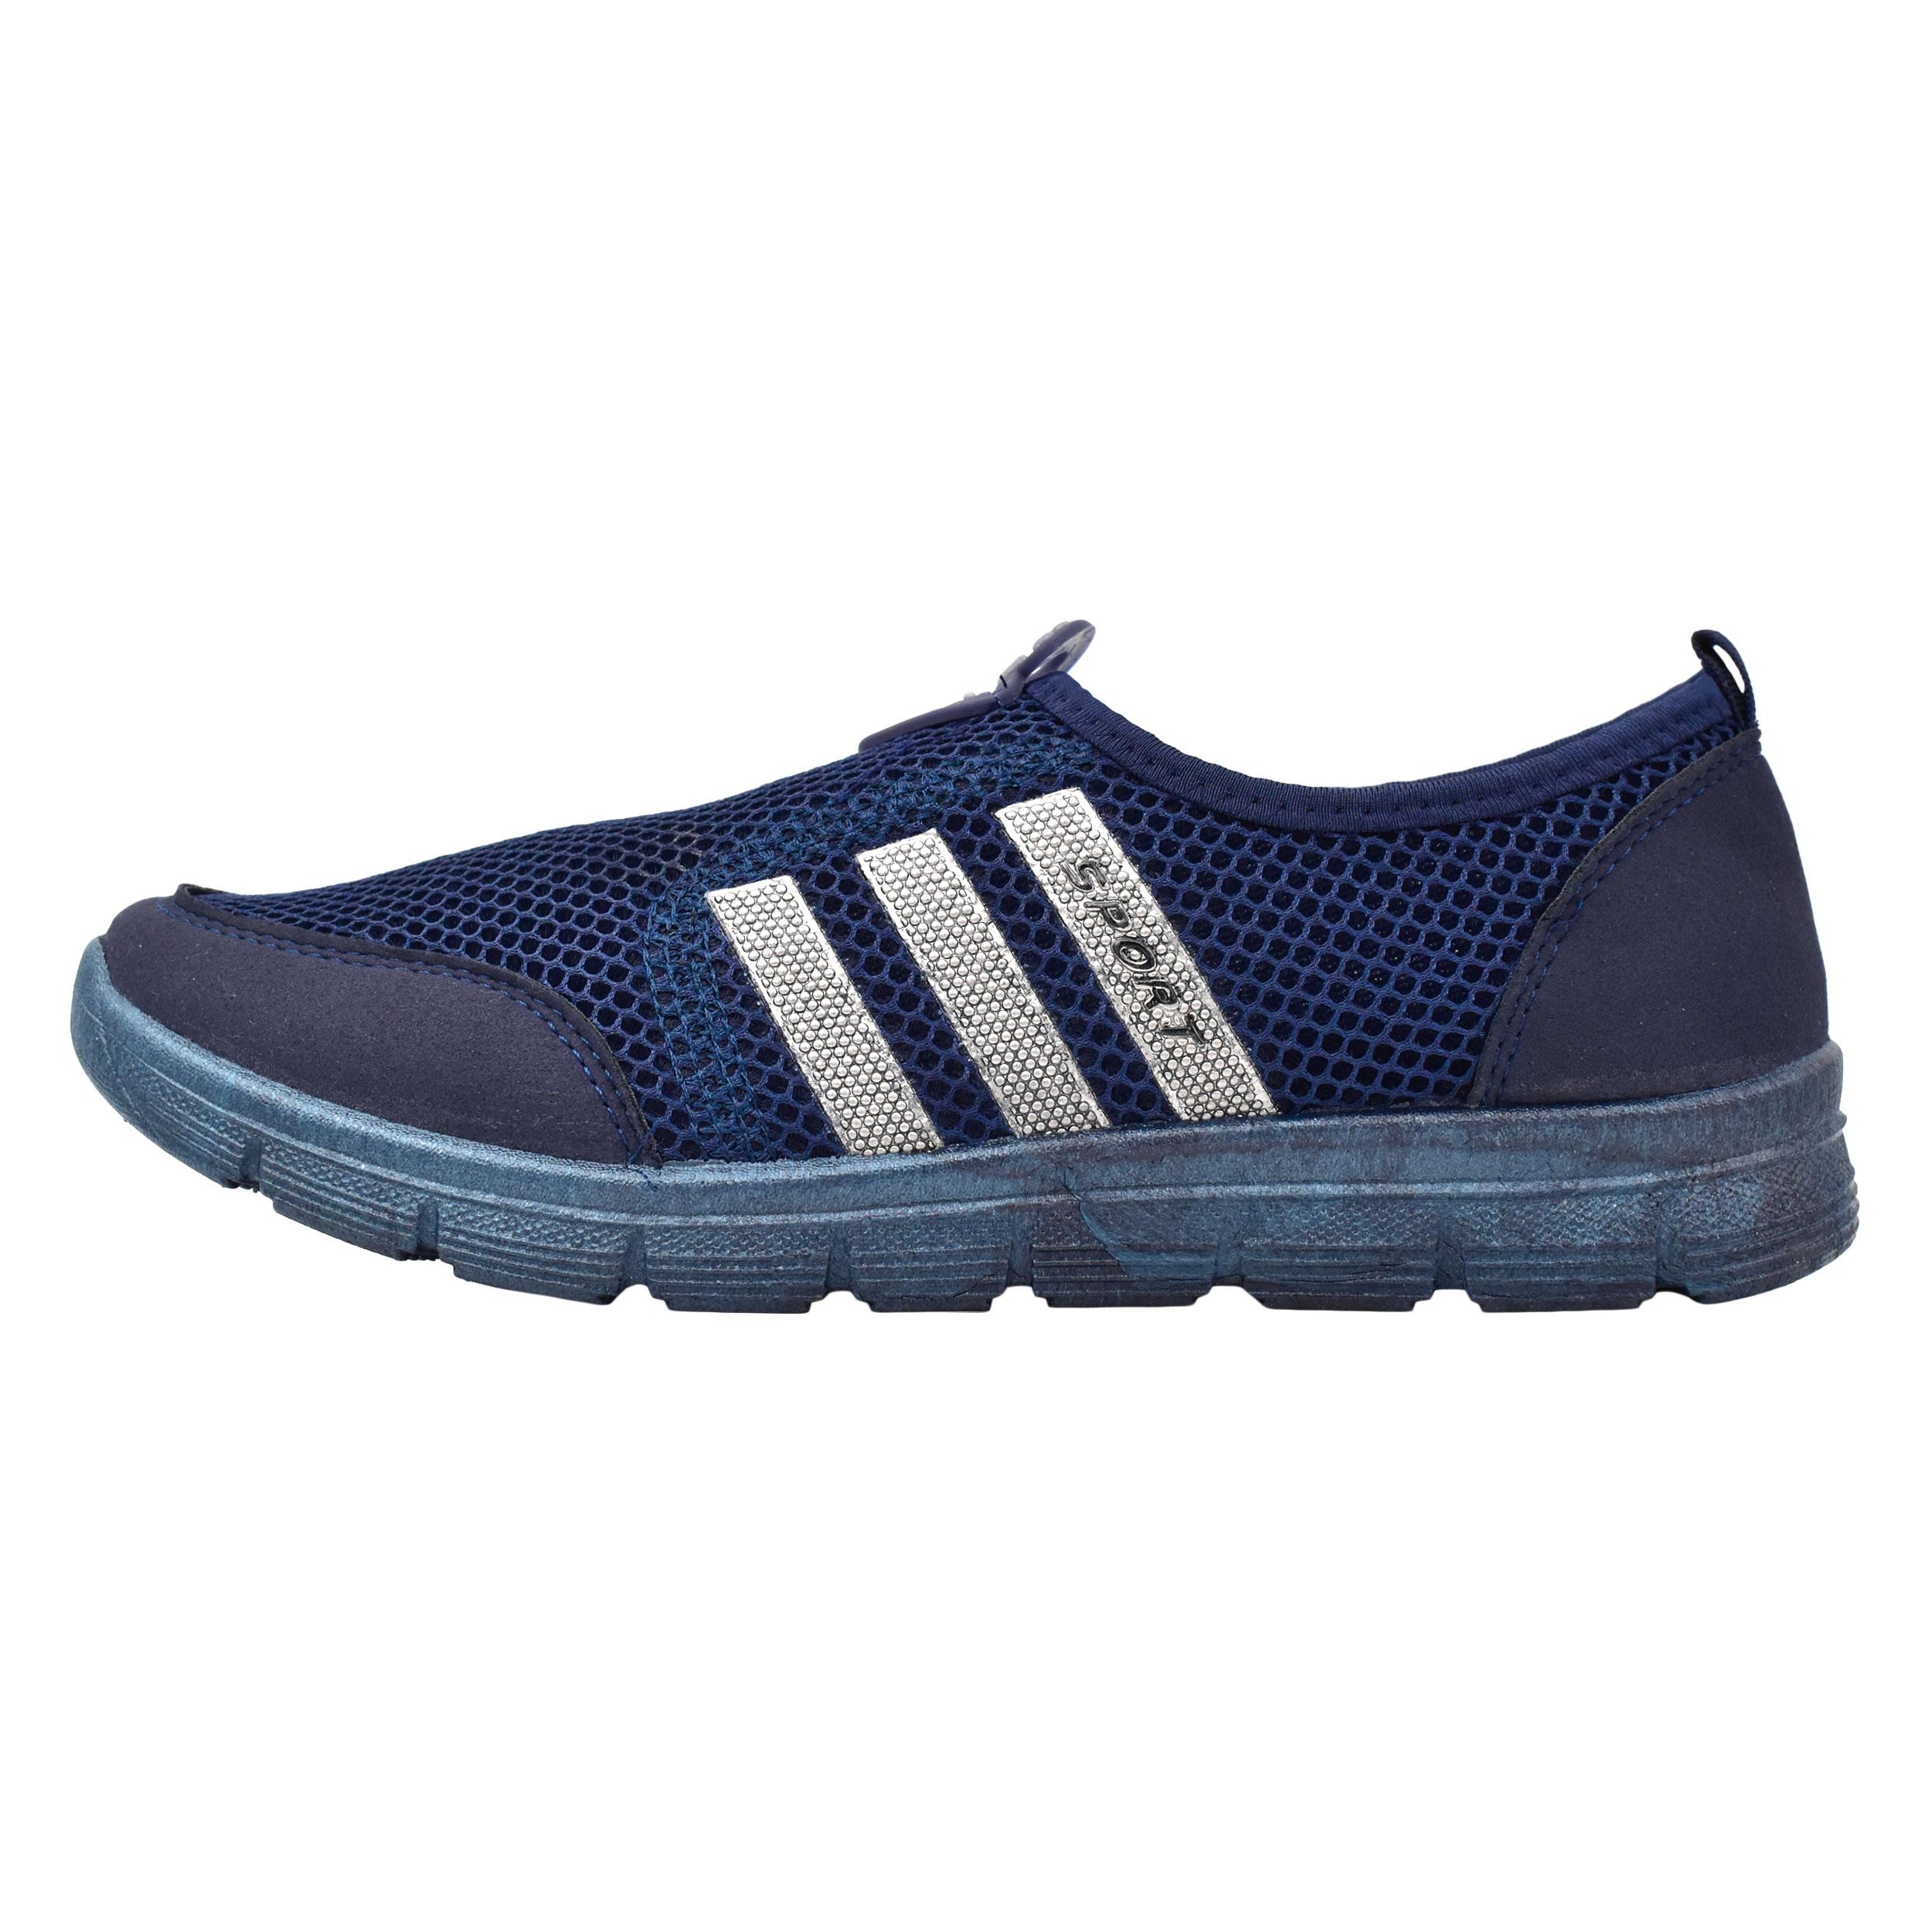 کفش پیاده روی مردانه آلبرتینی مدل رانا کد 7834